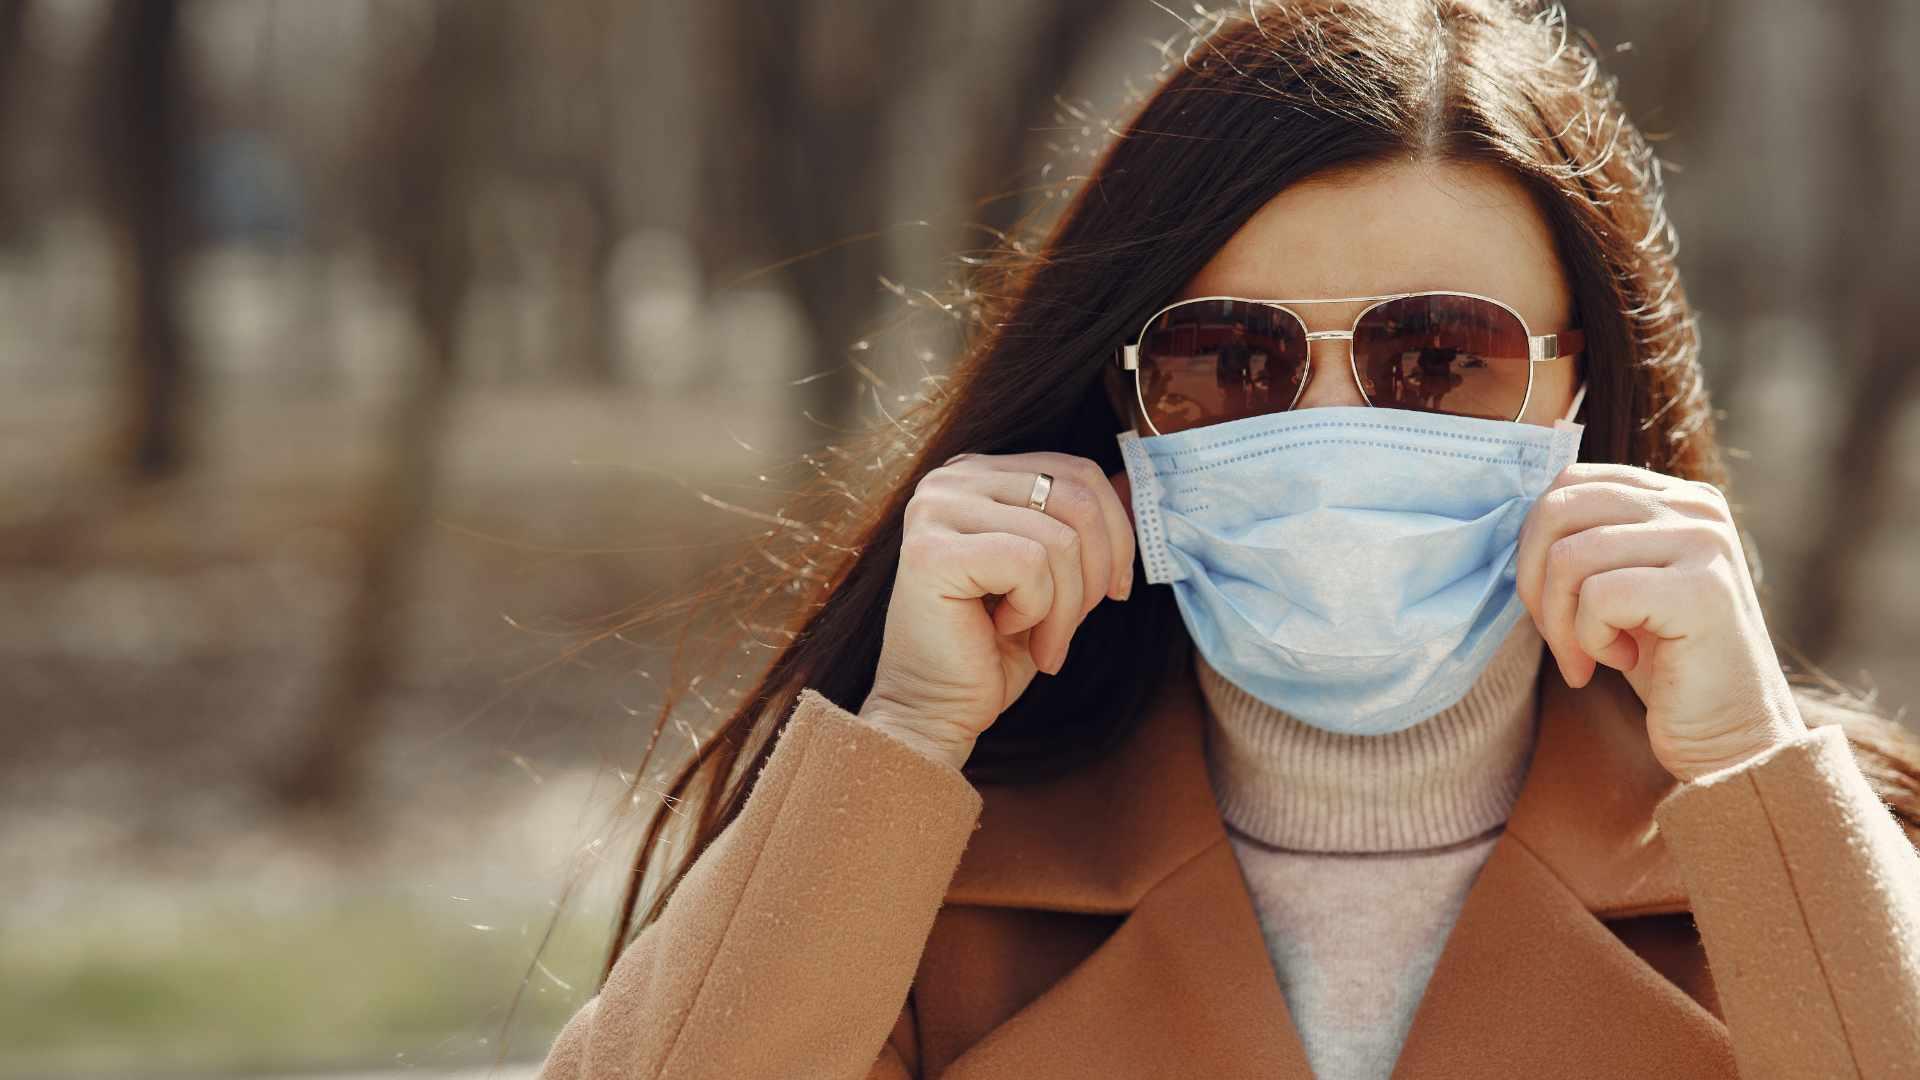 راهکار طلایی برای جلوگیری از بخار شیشه عینک هنگام ماسک زدن